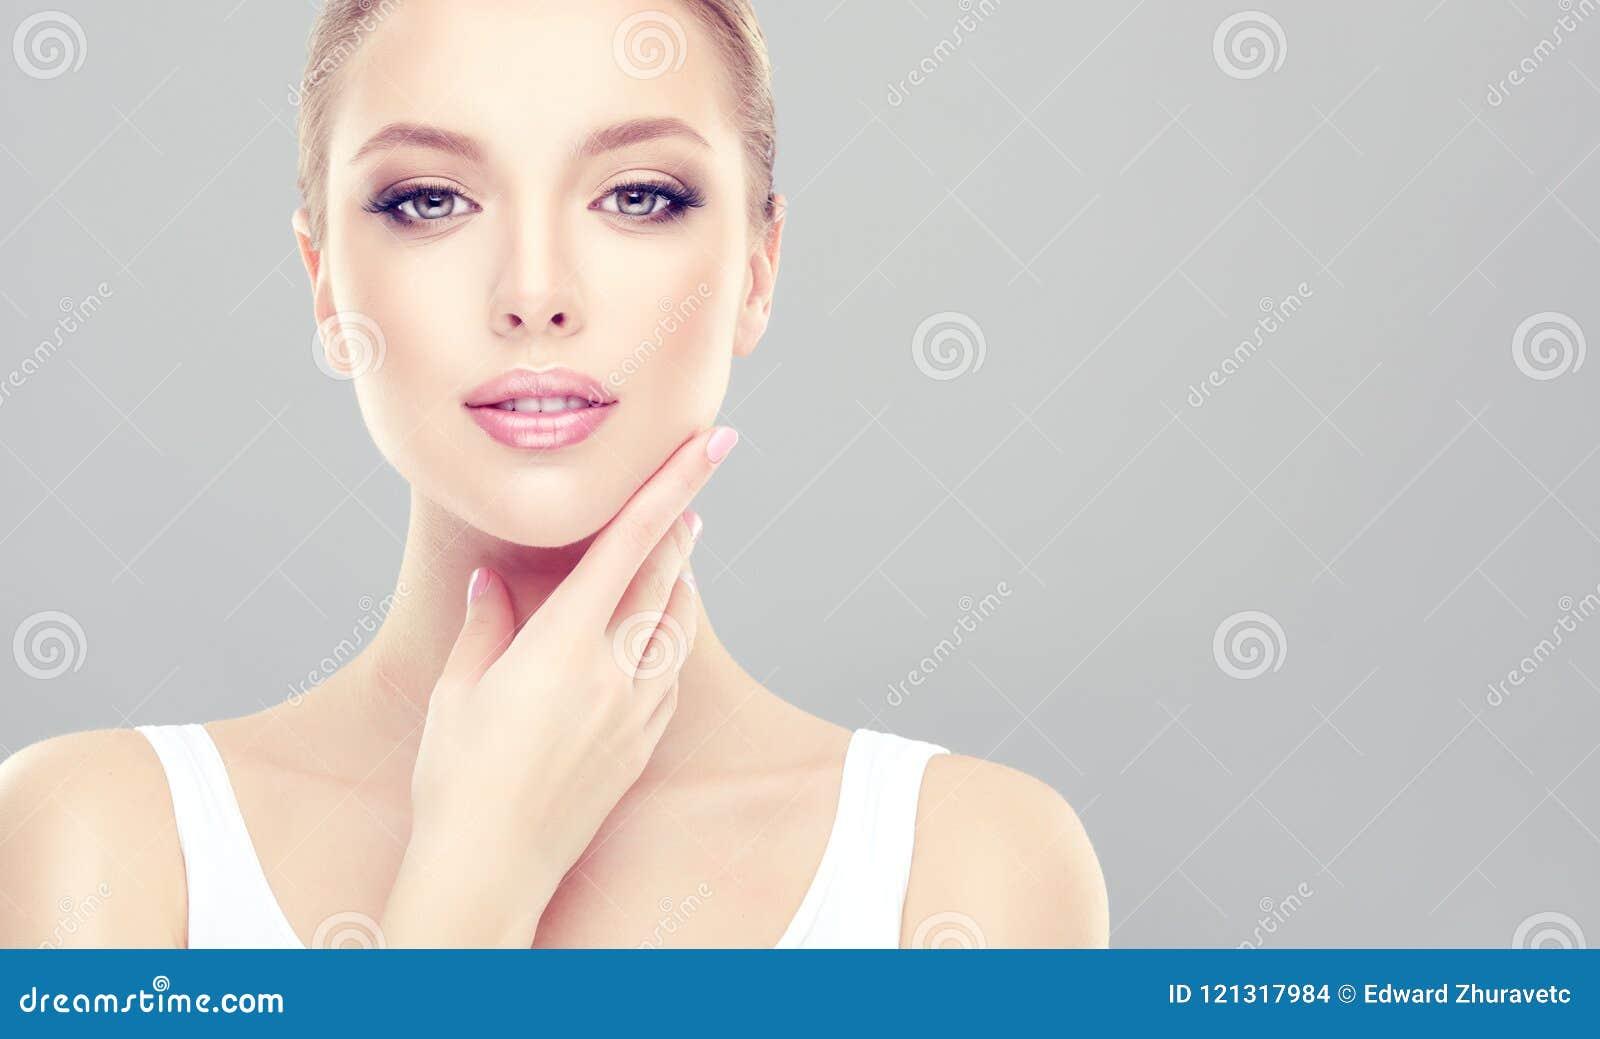 La mujer de fascinación con la piel fresca limpia está tocando la cara blando